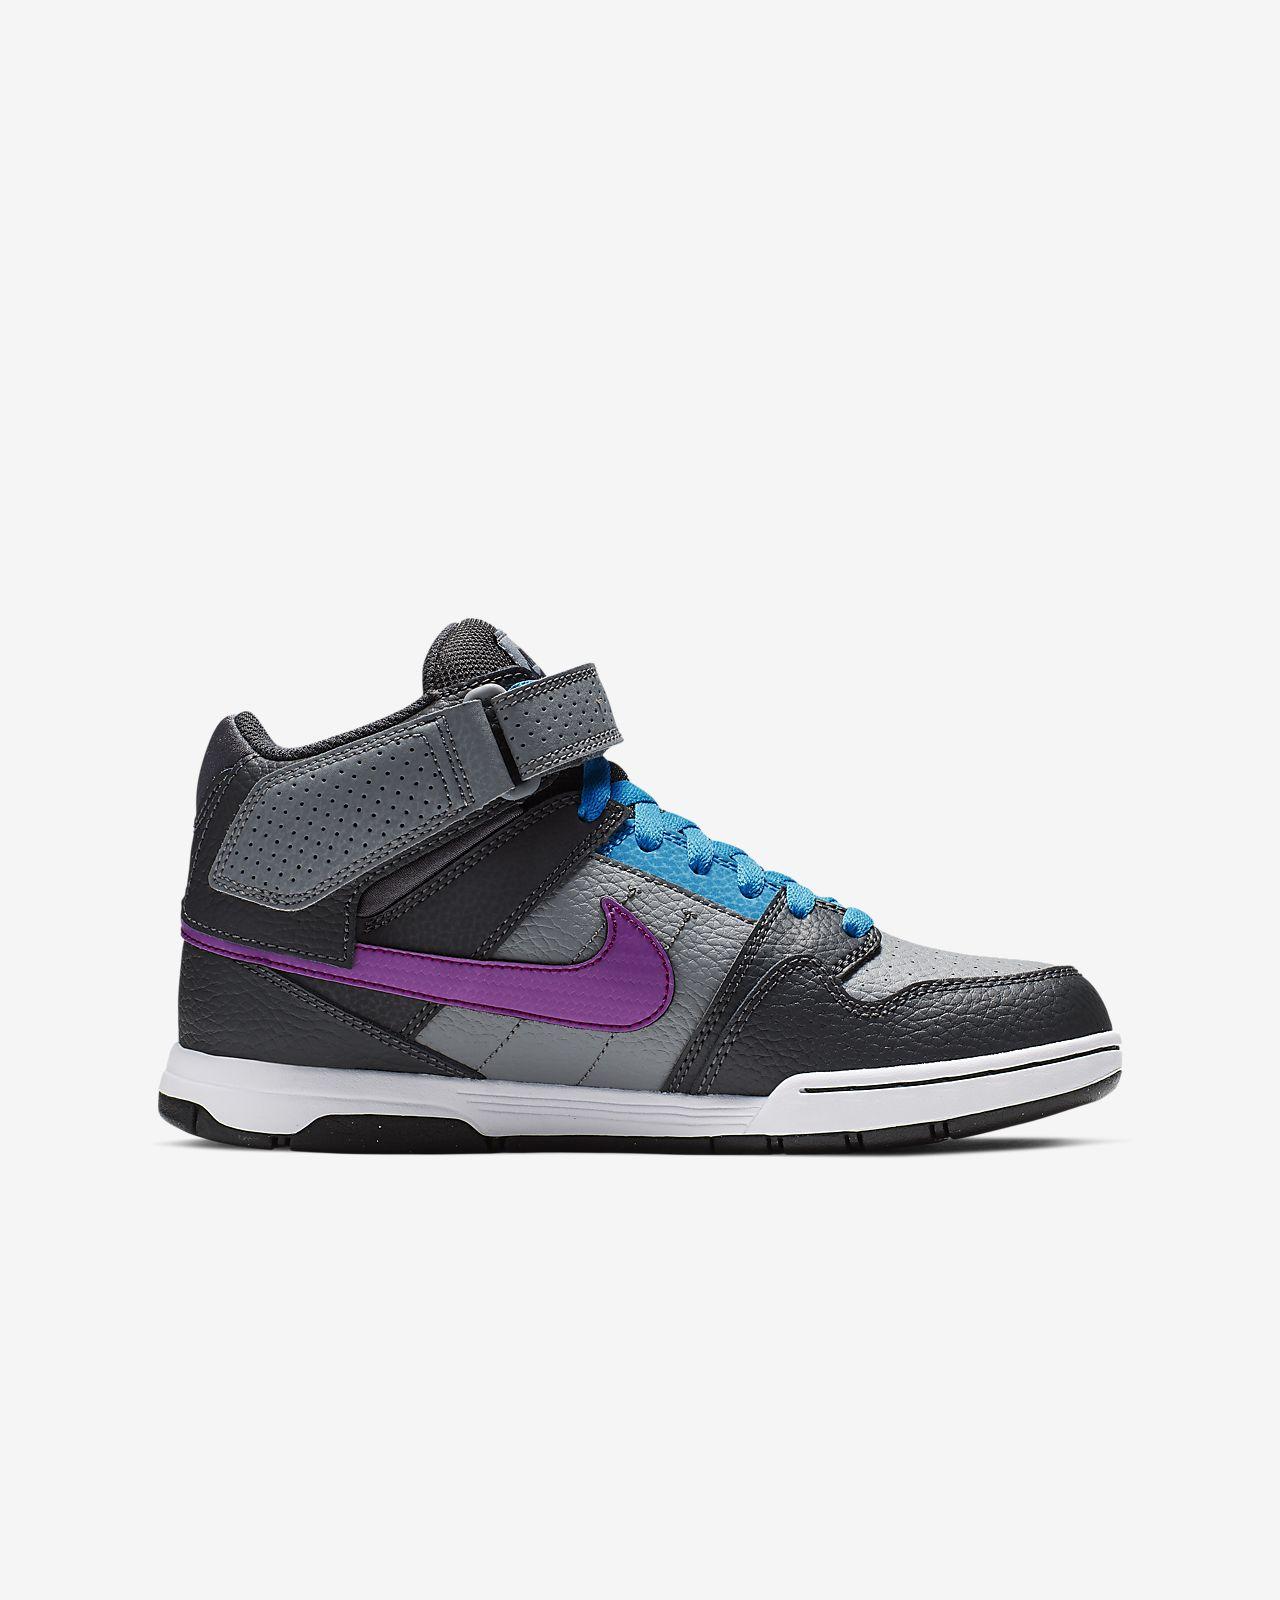 Mid Nike Pour Chaussure Plus Enfantenfant Sb Mogan 2 Jr Jeune Âgé QdhtsrC